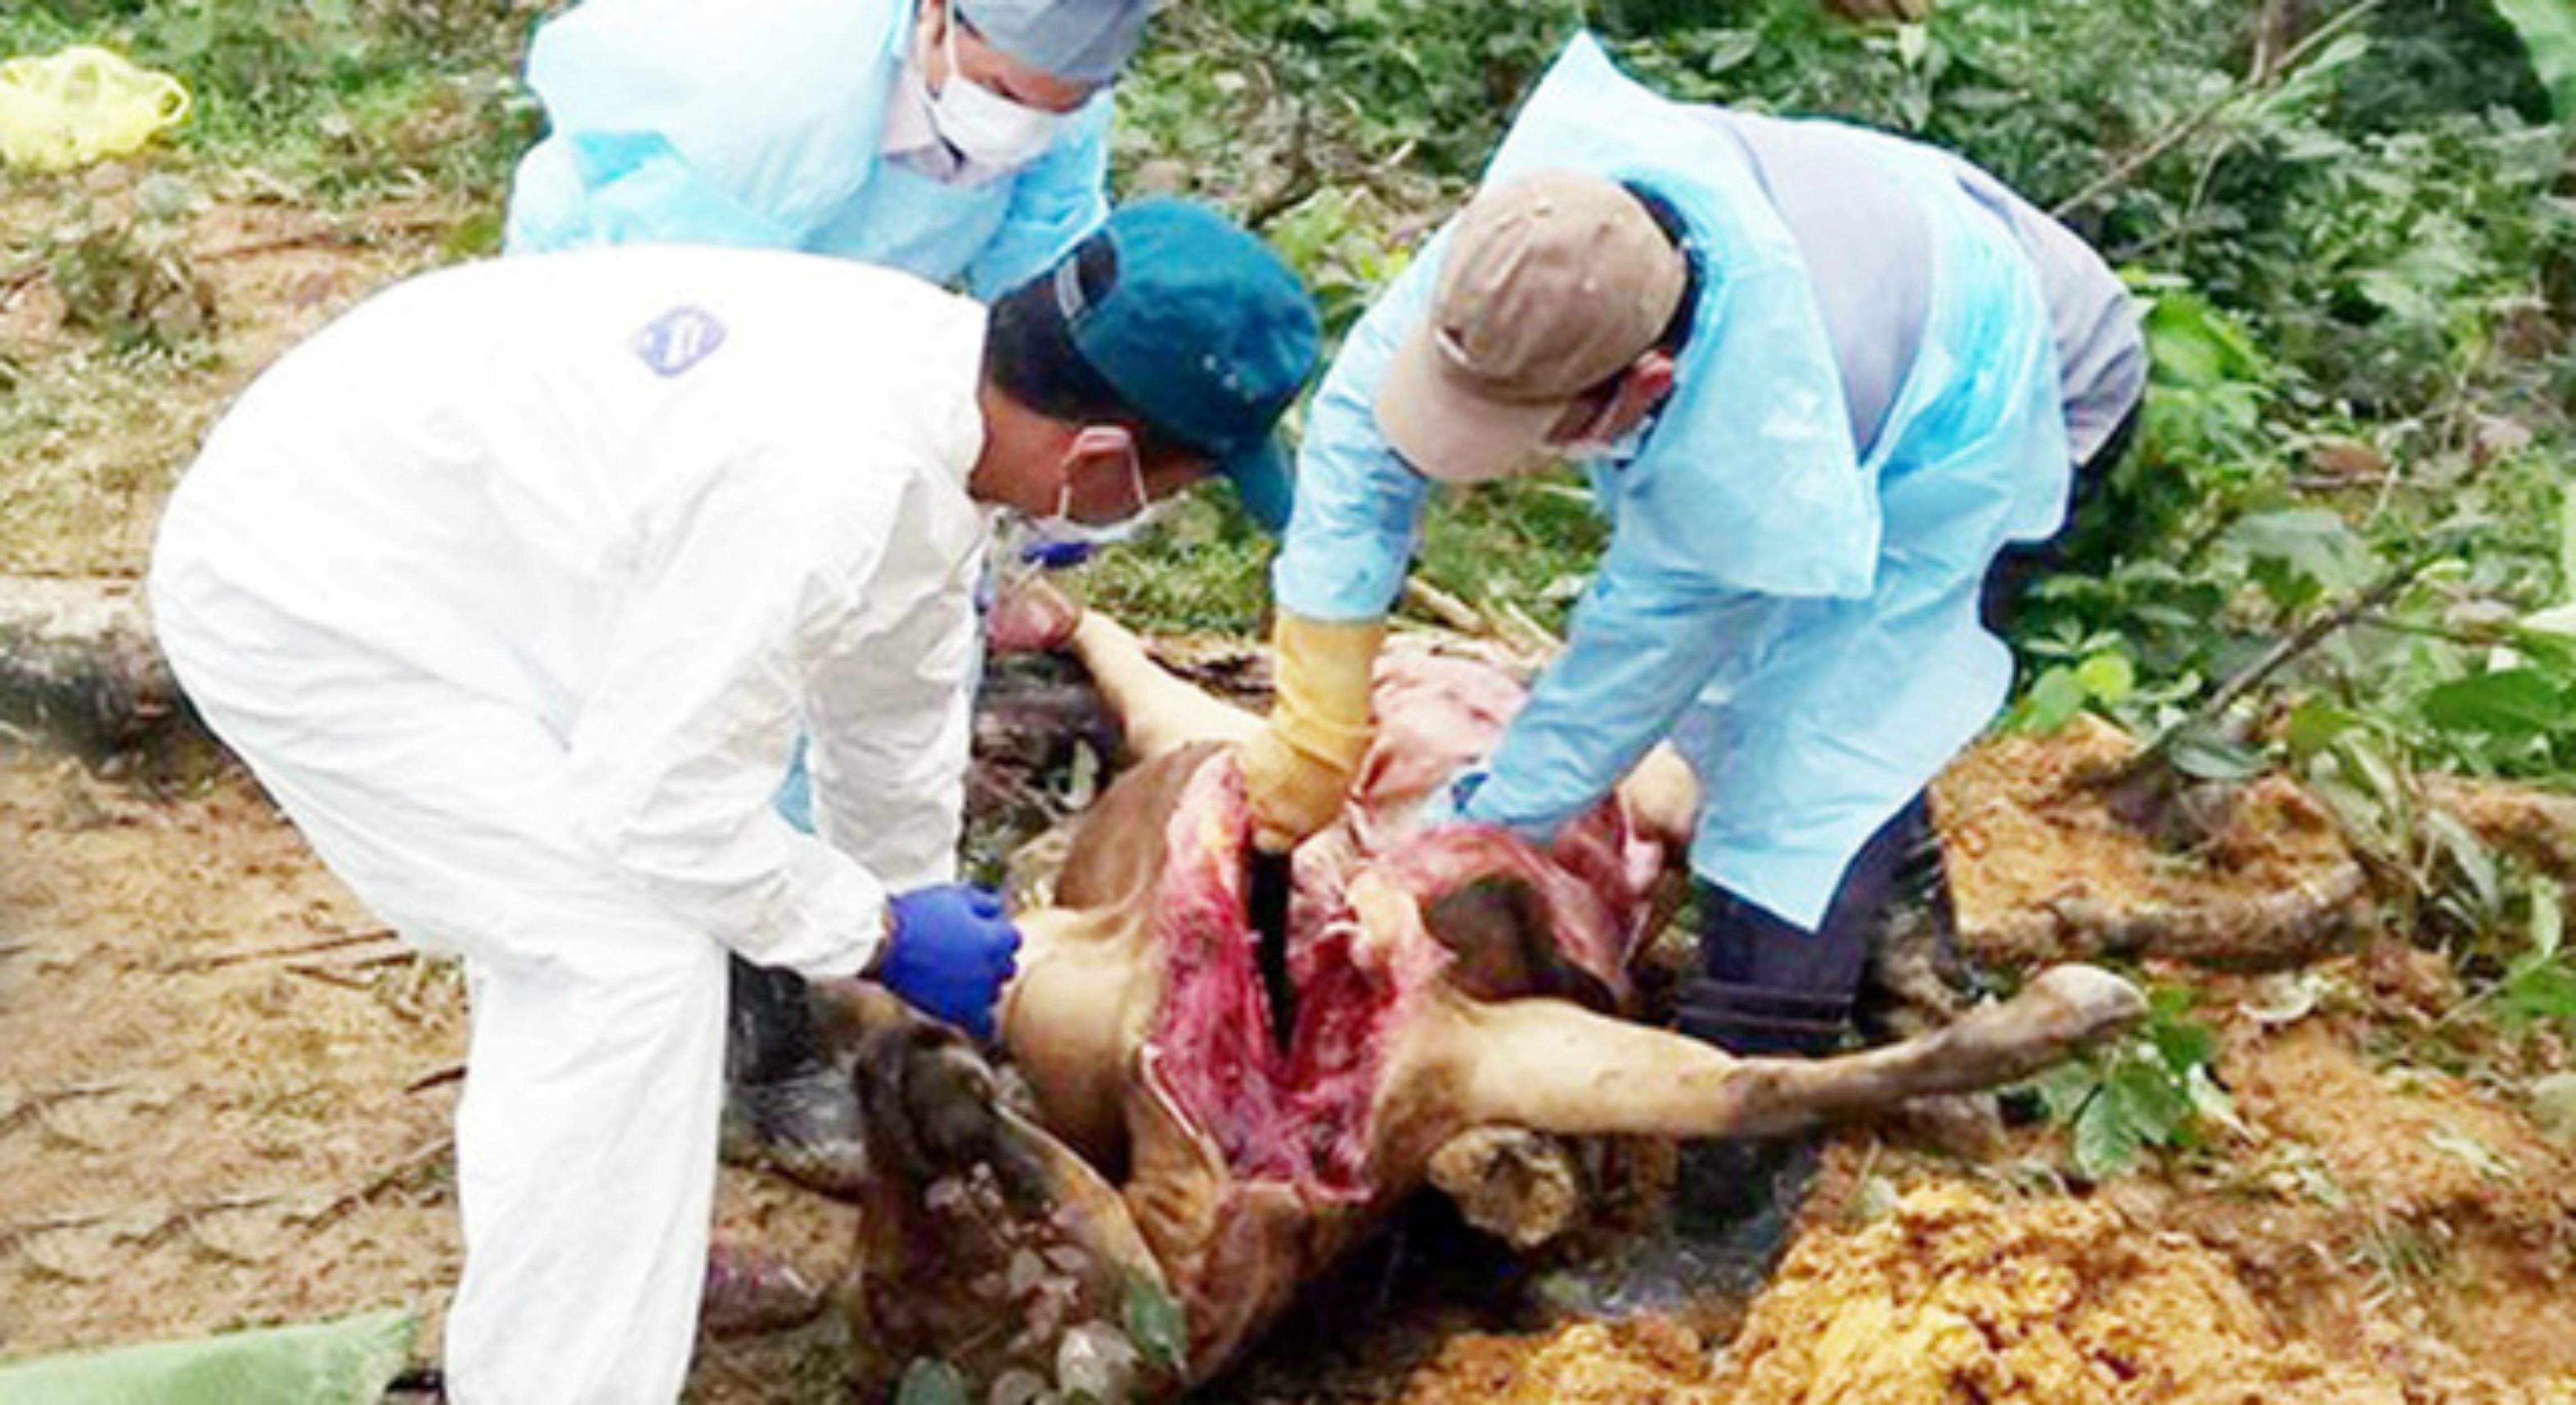 Hà Tĩnh: Heo, bò chết không rõ nguyên nhân